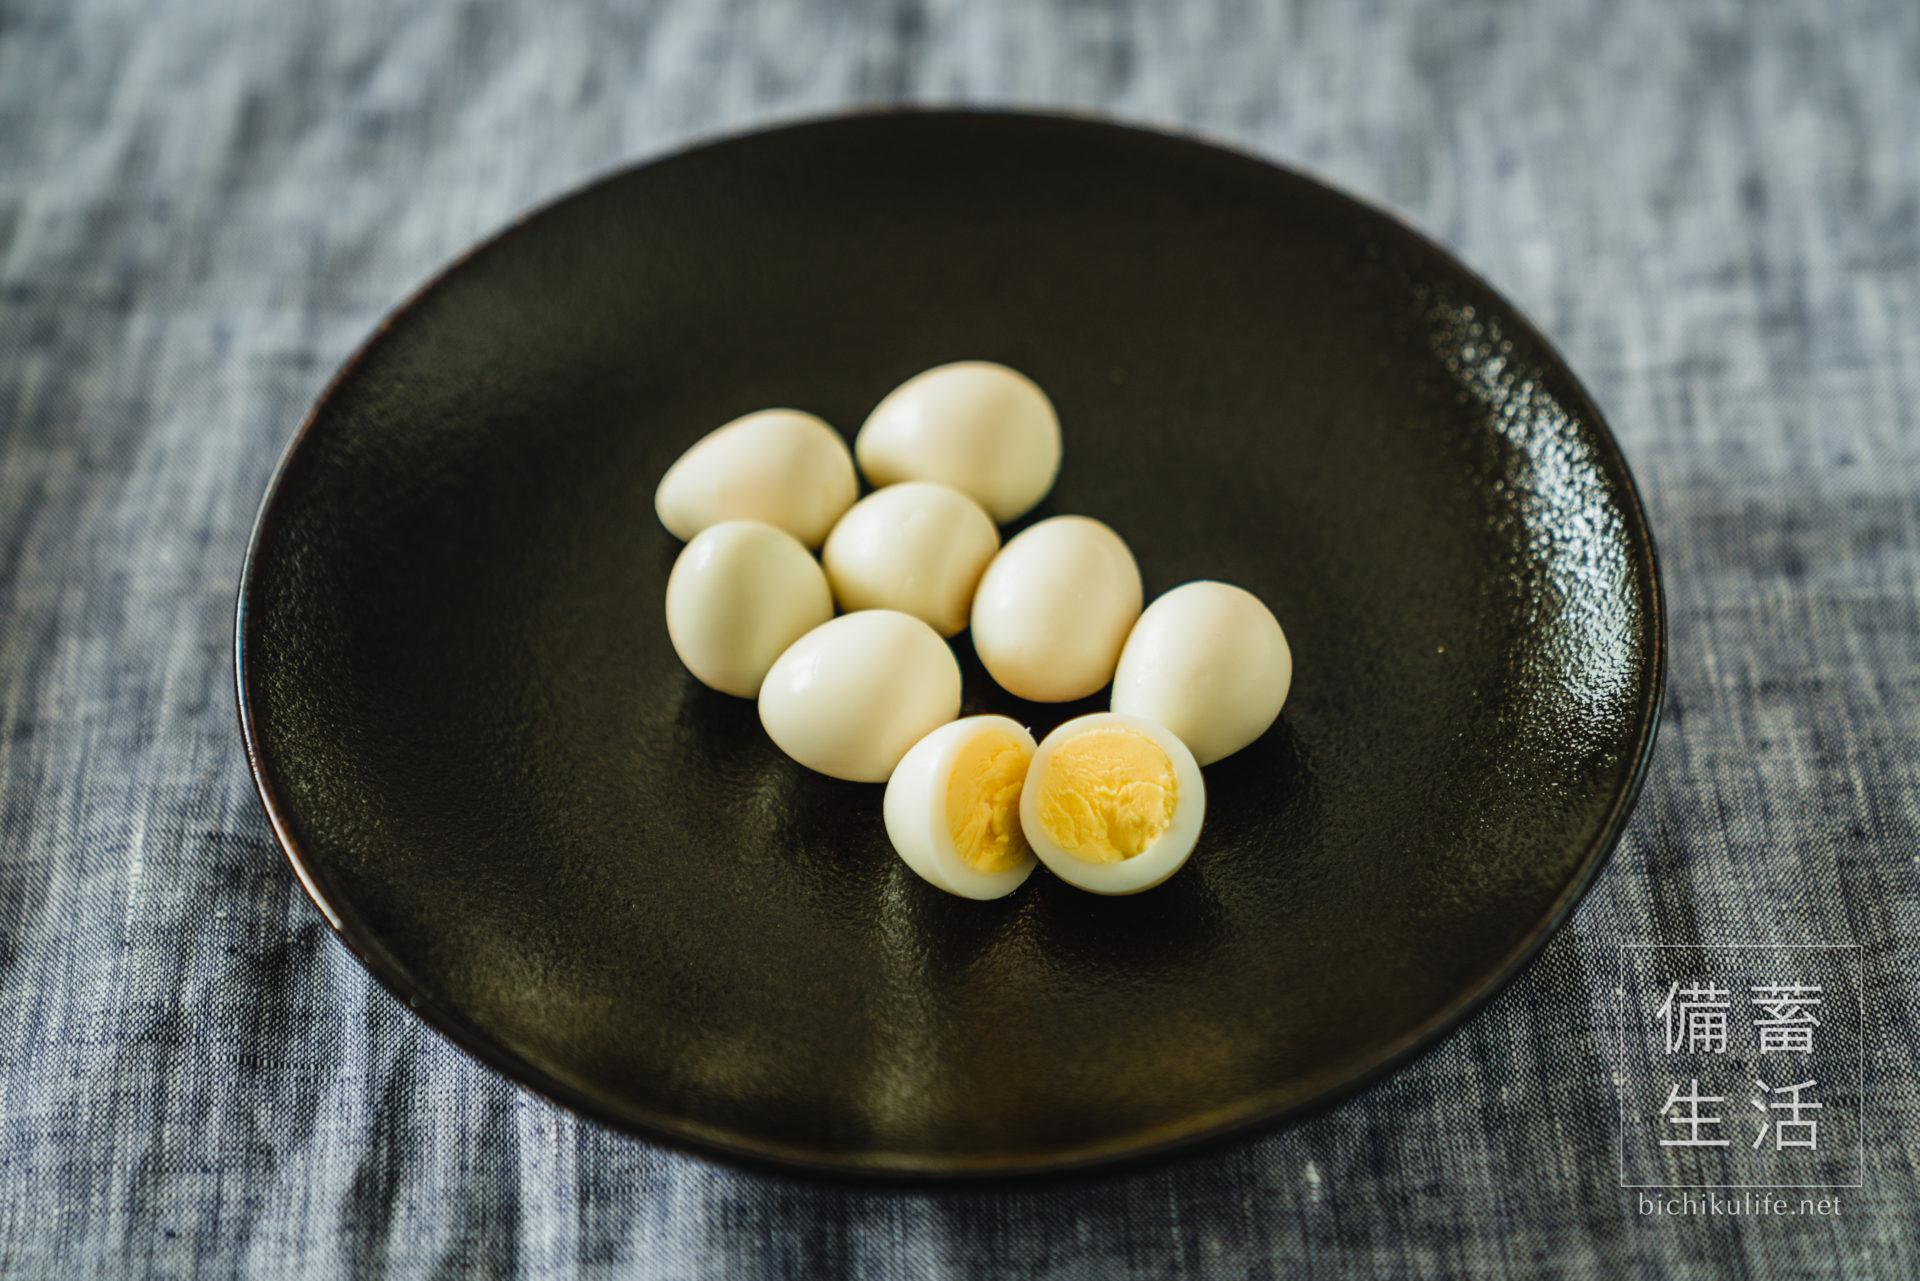 うずらの卵のぬか漬けの作り方とコツ